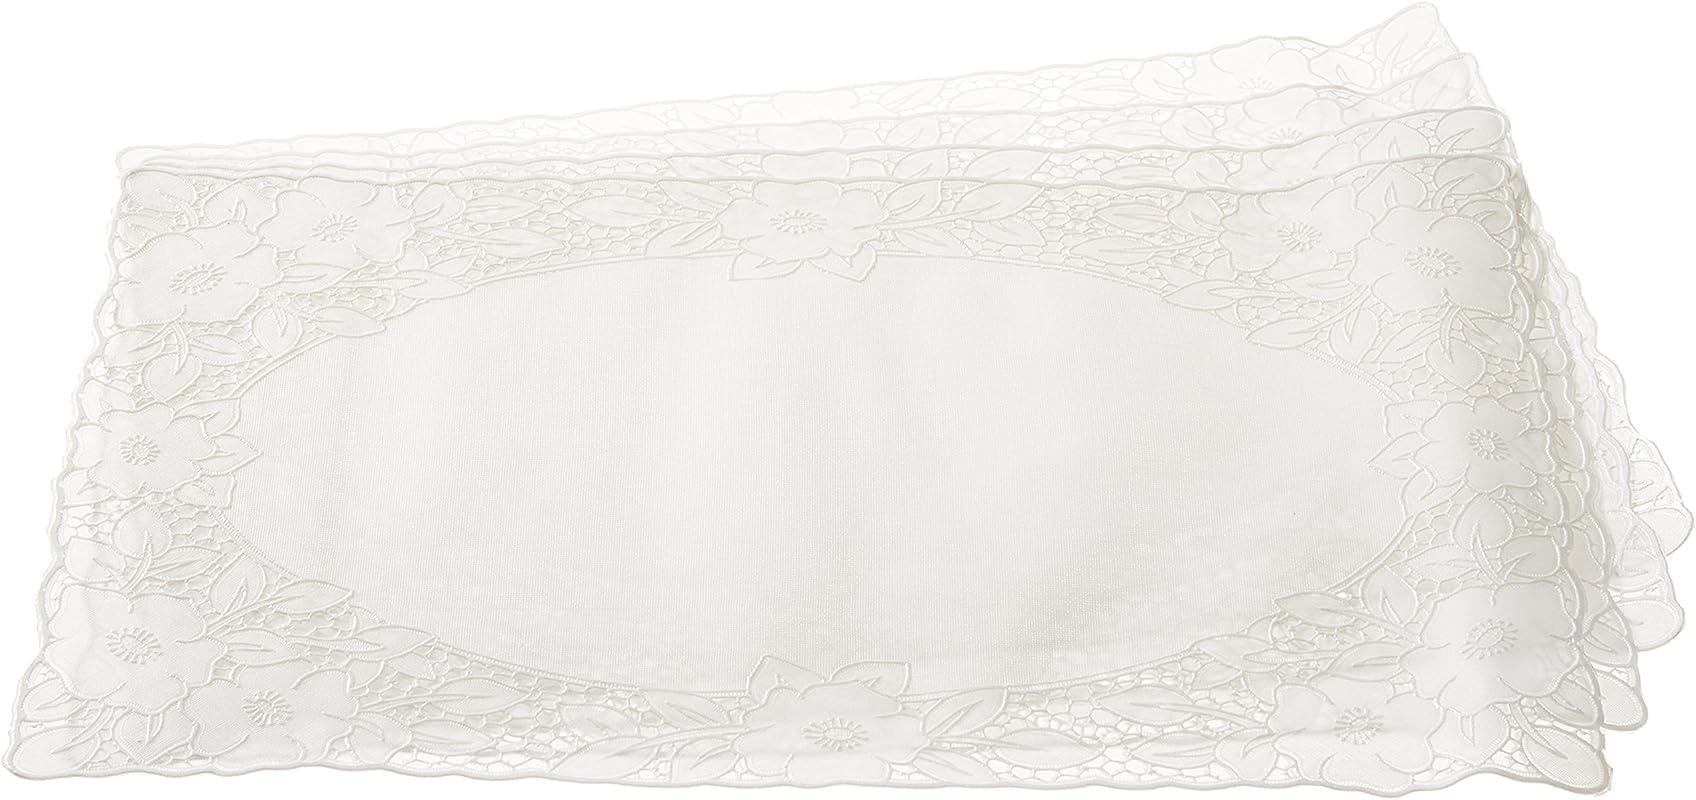 Violet Linen Vinyl Lace Embossed Floral Design Oblong Placemats Cream